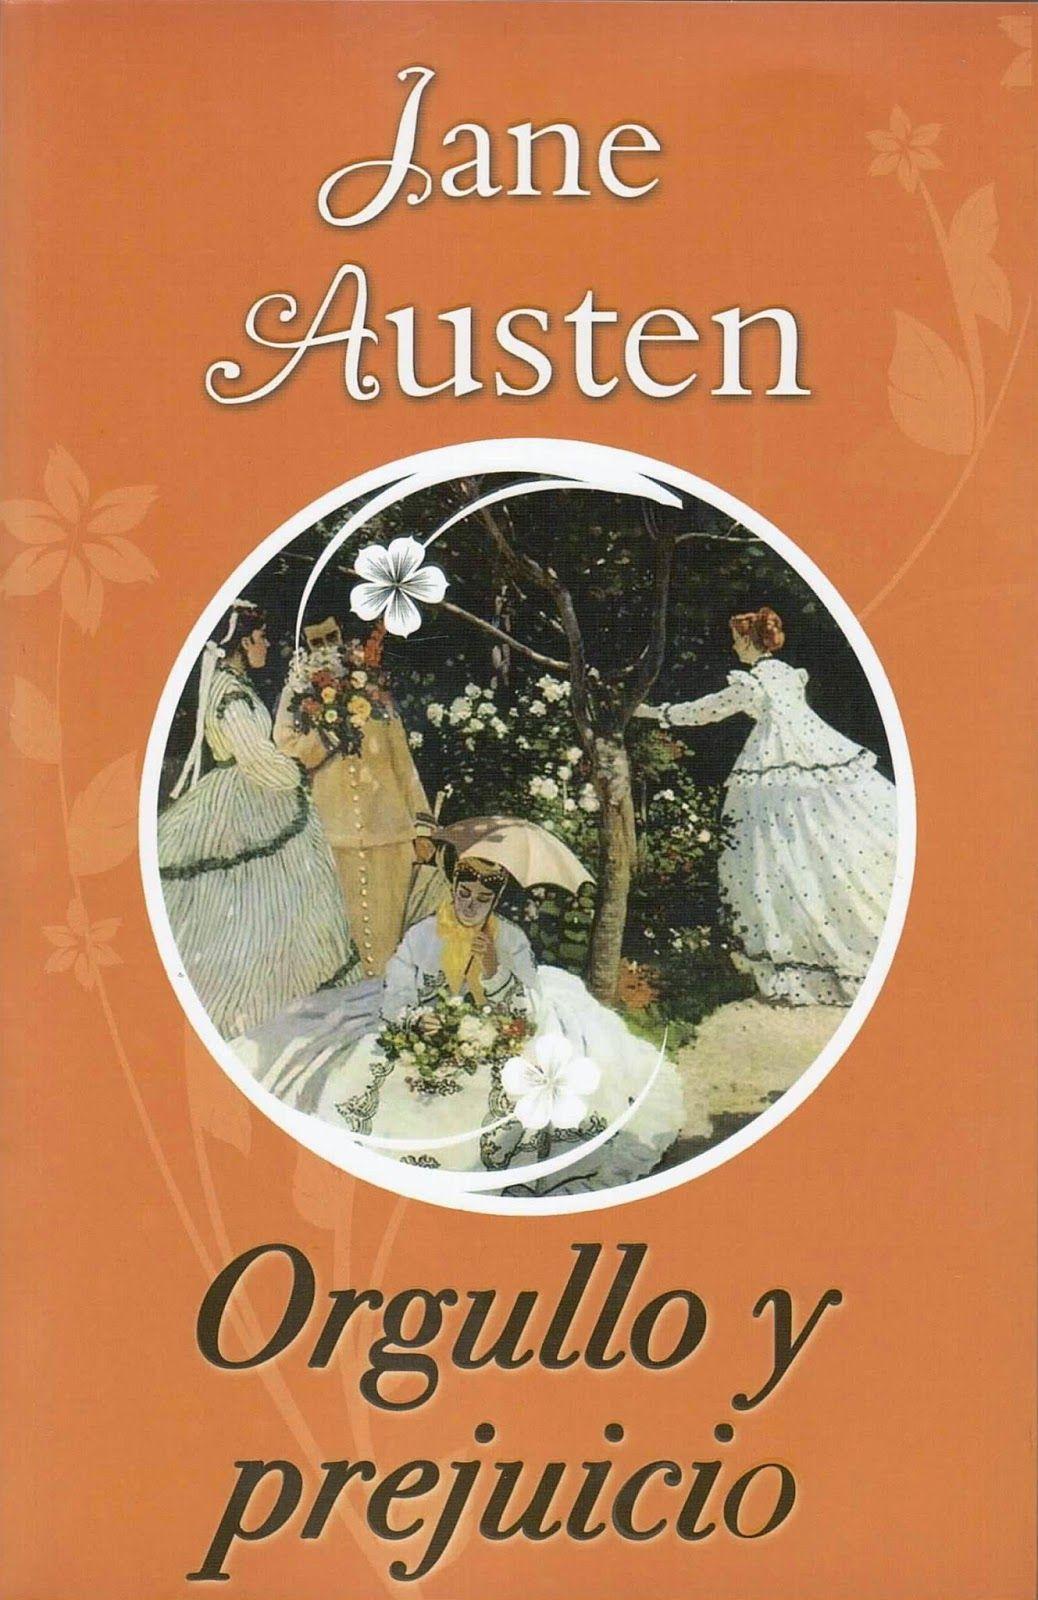 Lunacieloazul Orgullo Y Prejuicio Jane Austen Capitulo Xvii